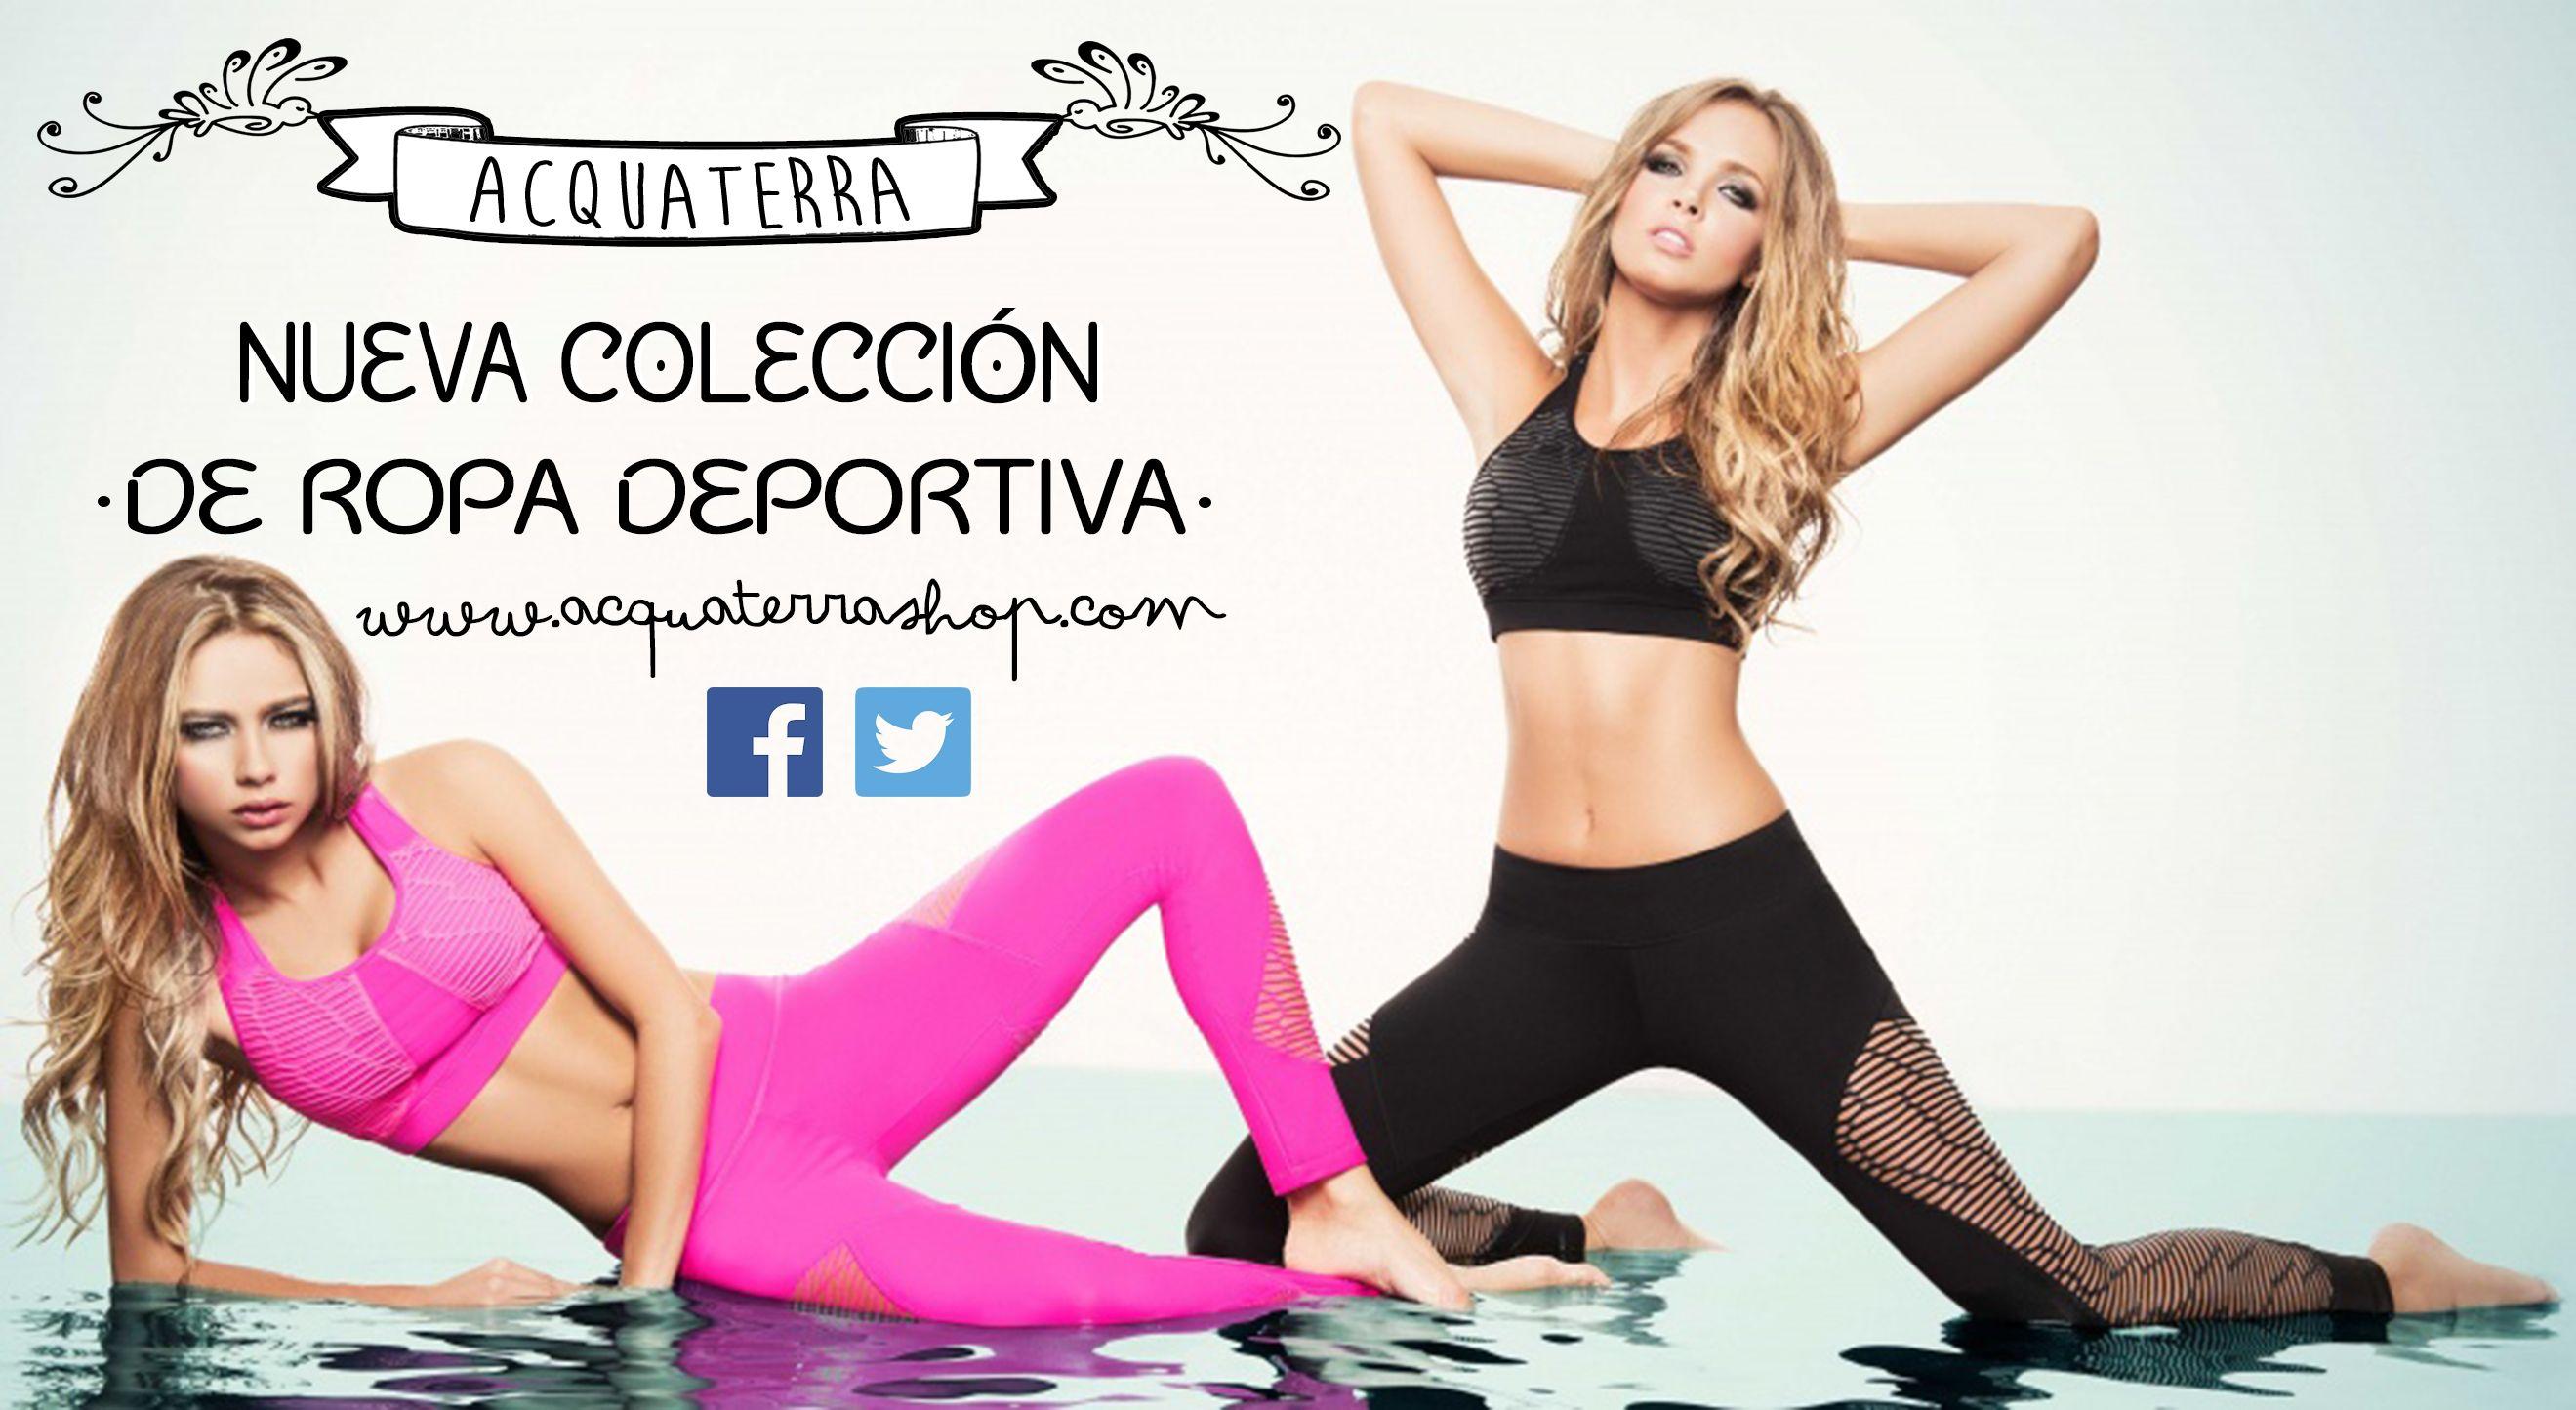 Ropa deportiva Acquaterra! Para ir a la moda en tu gym. Ven y descubre nuestras ofertas. www.acquaterrashop.com